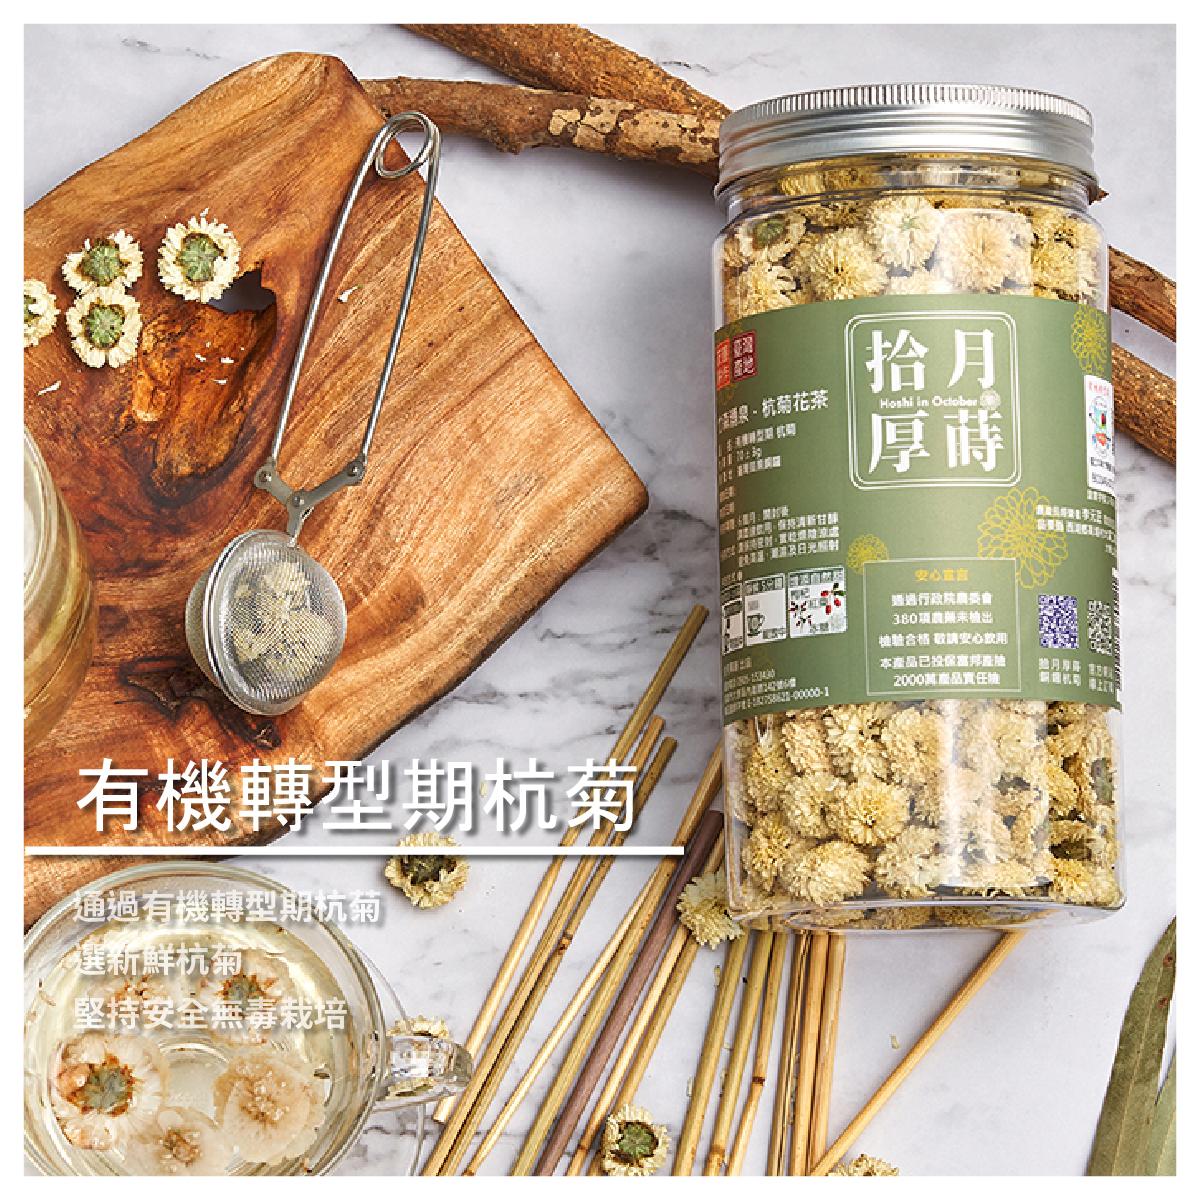 【拾月厚蒔 銅鑼杭菊】有機轉型期杭菊 70g±3g/罐